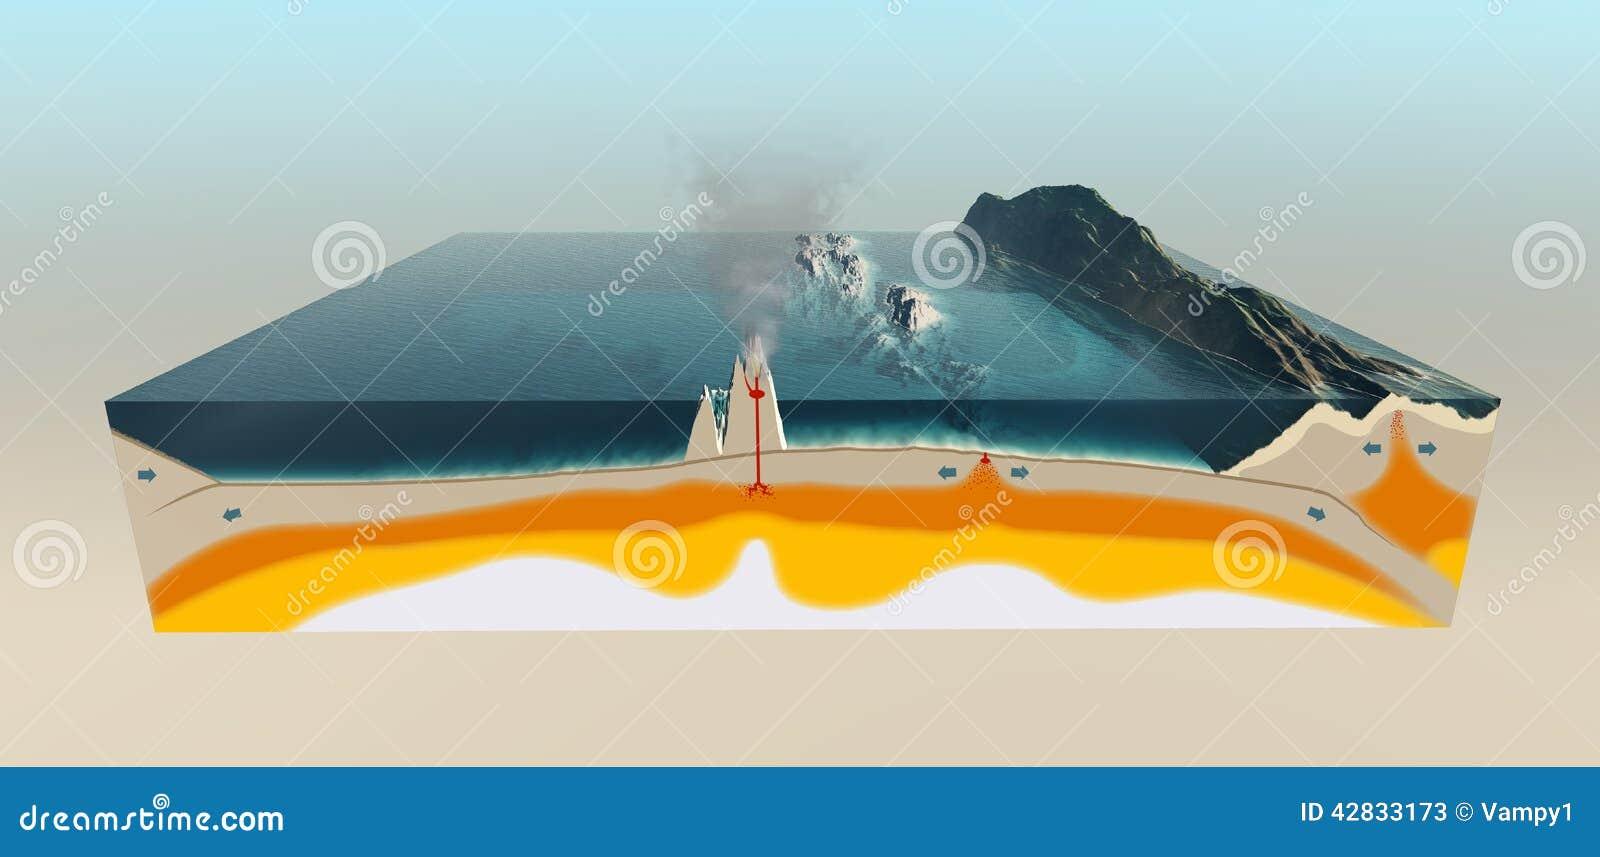 Tectonische platen van de korst van de Aarde